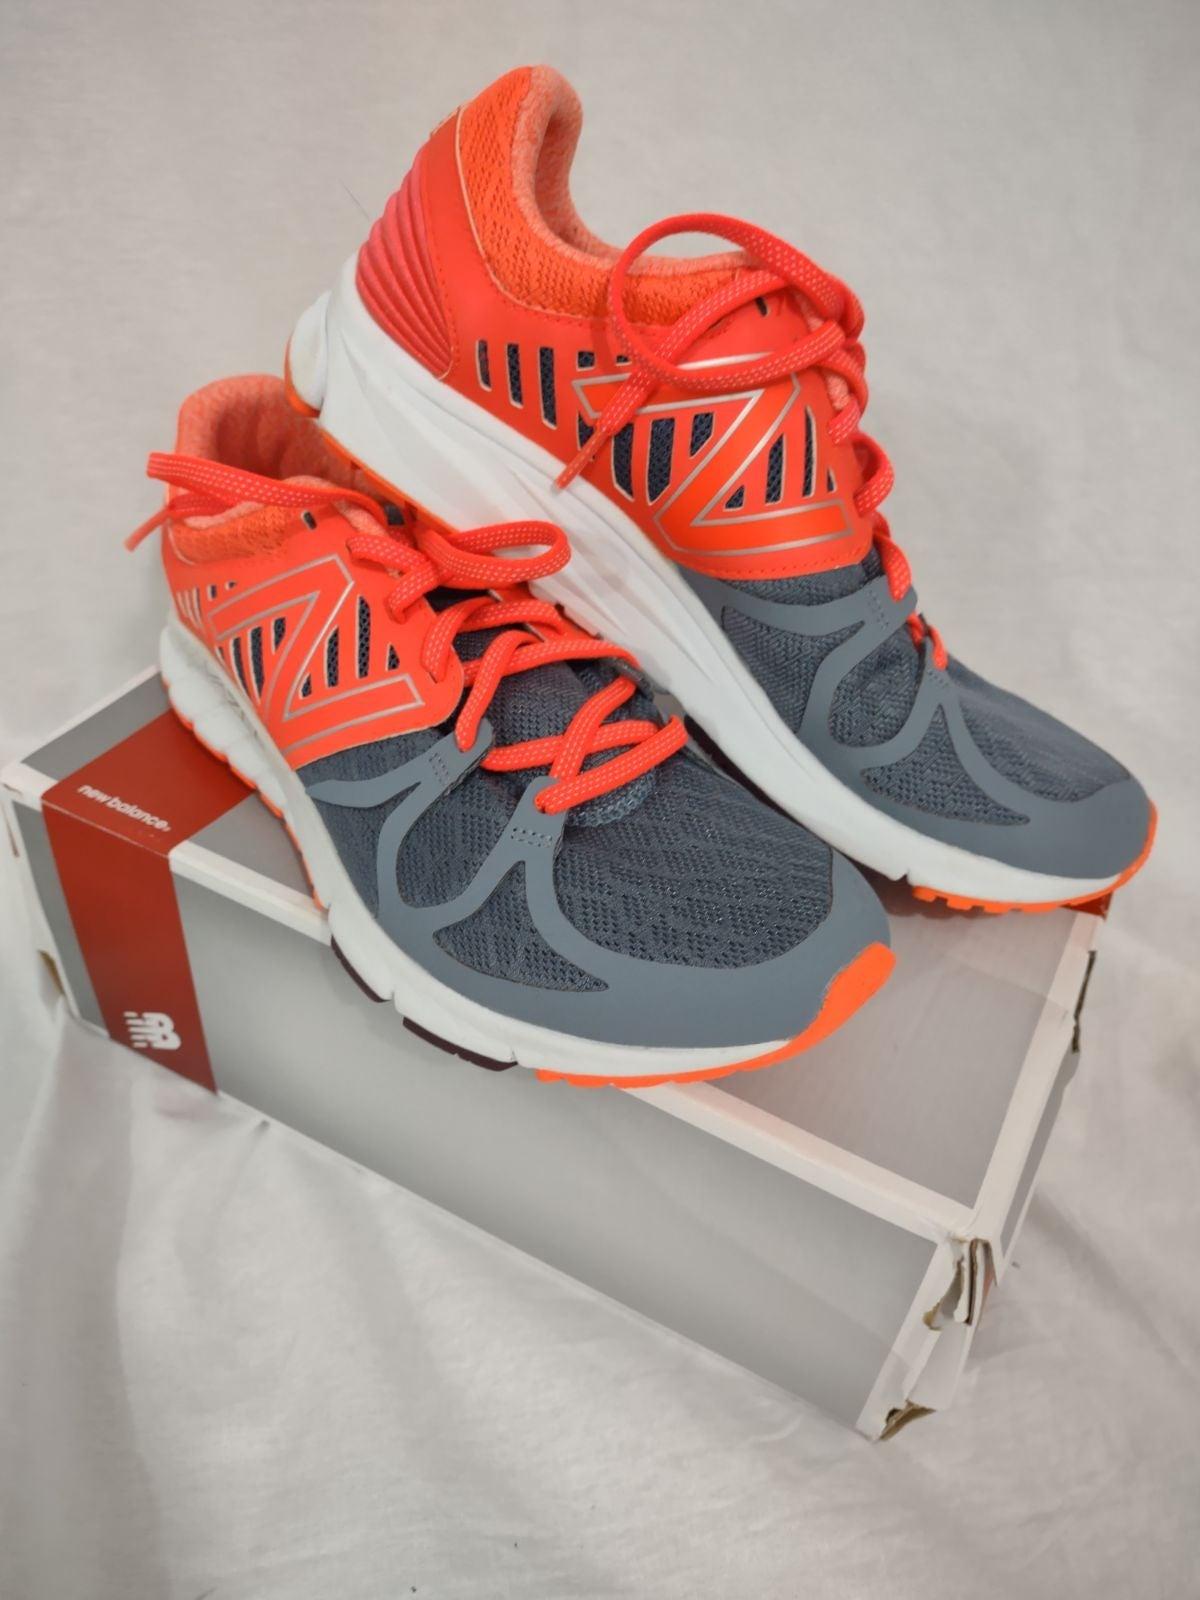 New Balance Vazee athletic shoe